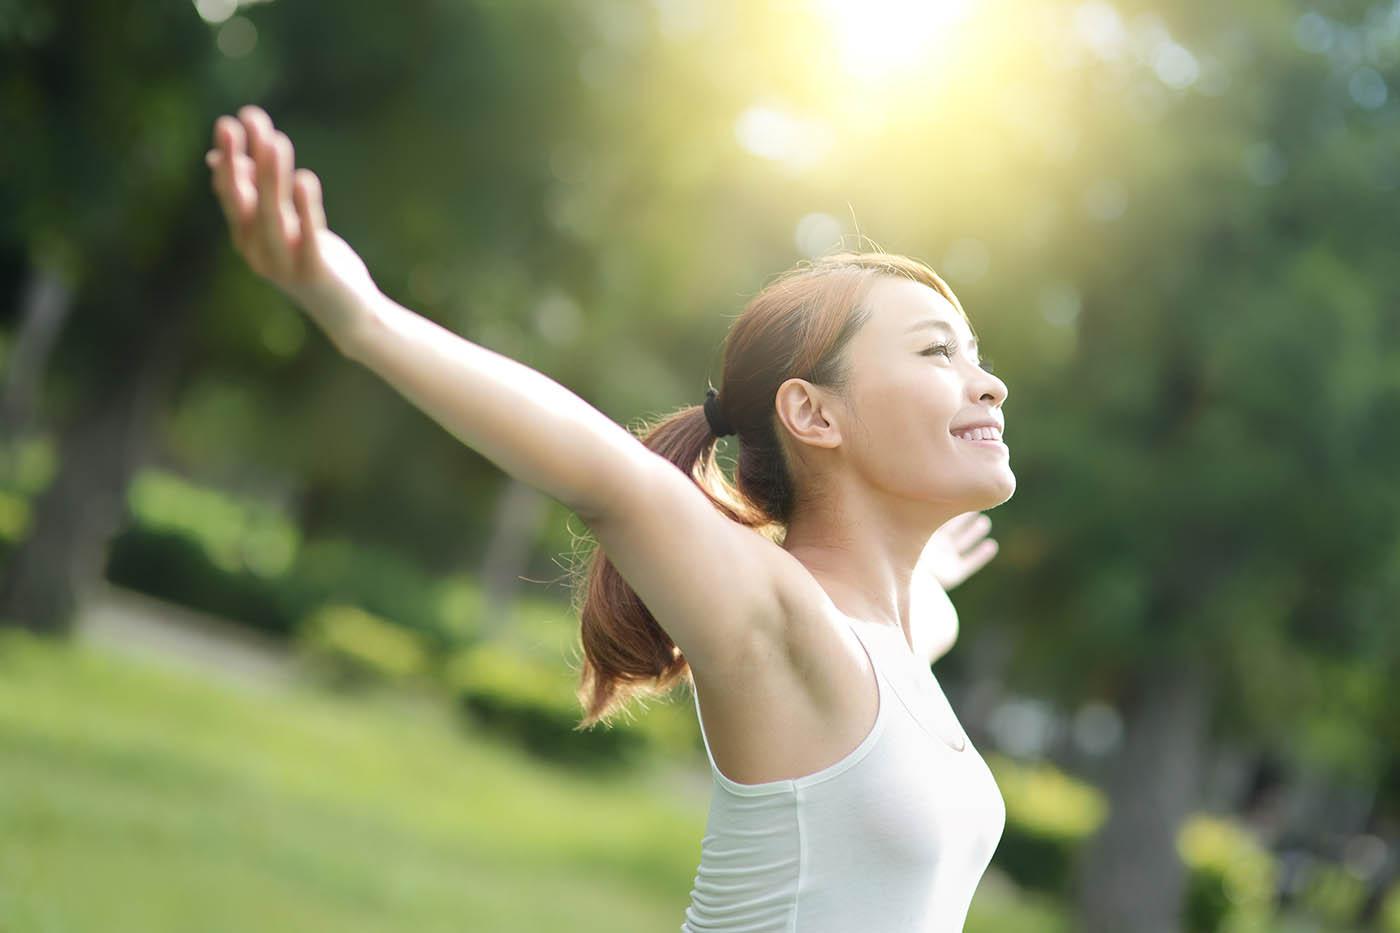 ストレスを力に変えるのは「自己効力」